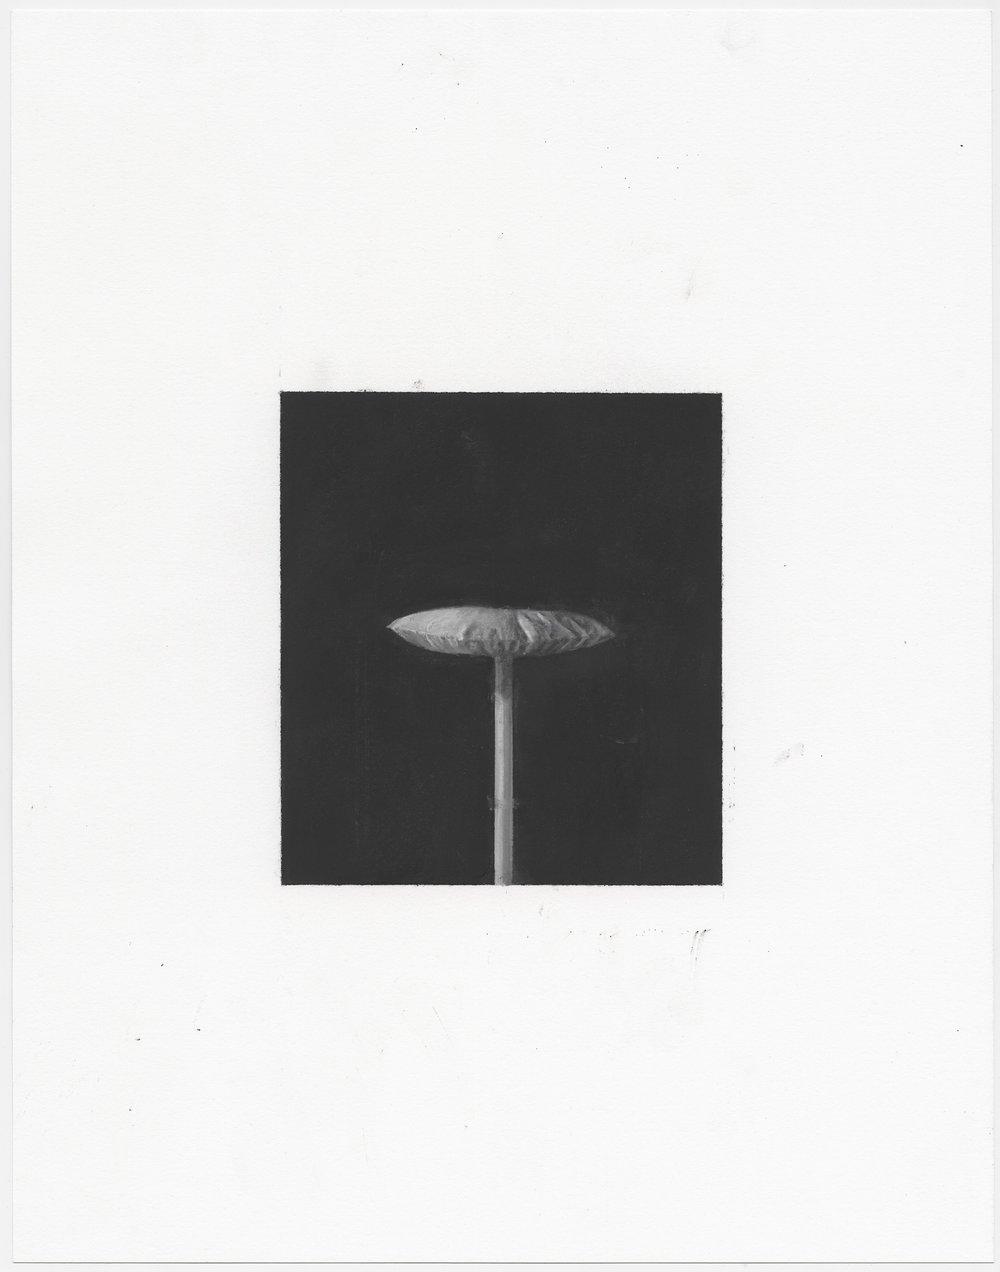 © Sophie Jodoin, %22elle commence ici 21%22, pastel et fusain sur papier Stonehenge : pastel and charcoal on Stonehenge paper, 35,5 x 28 cm, 2018. Courtesy Galerie C.jpg